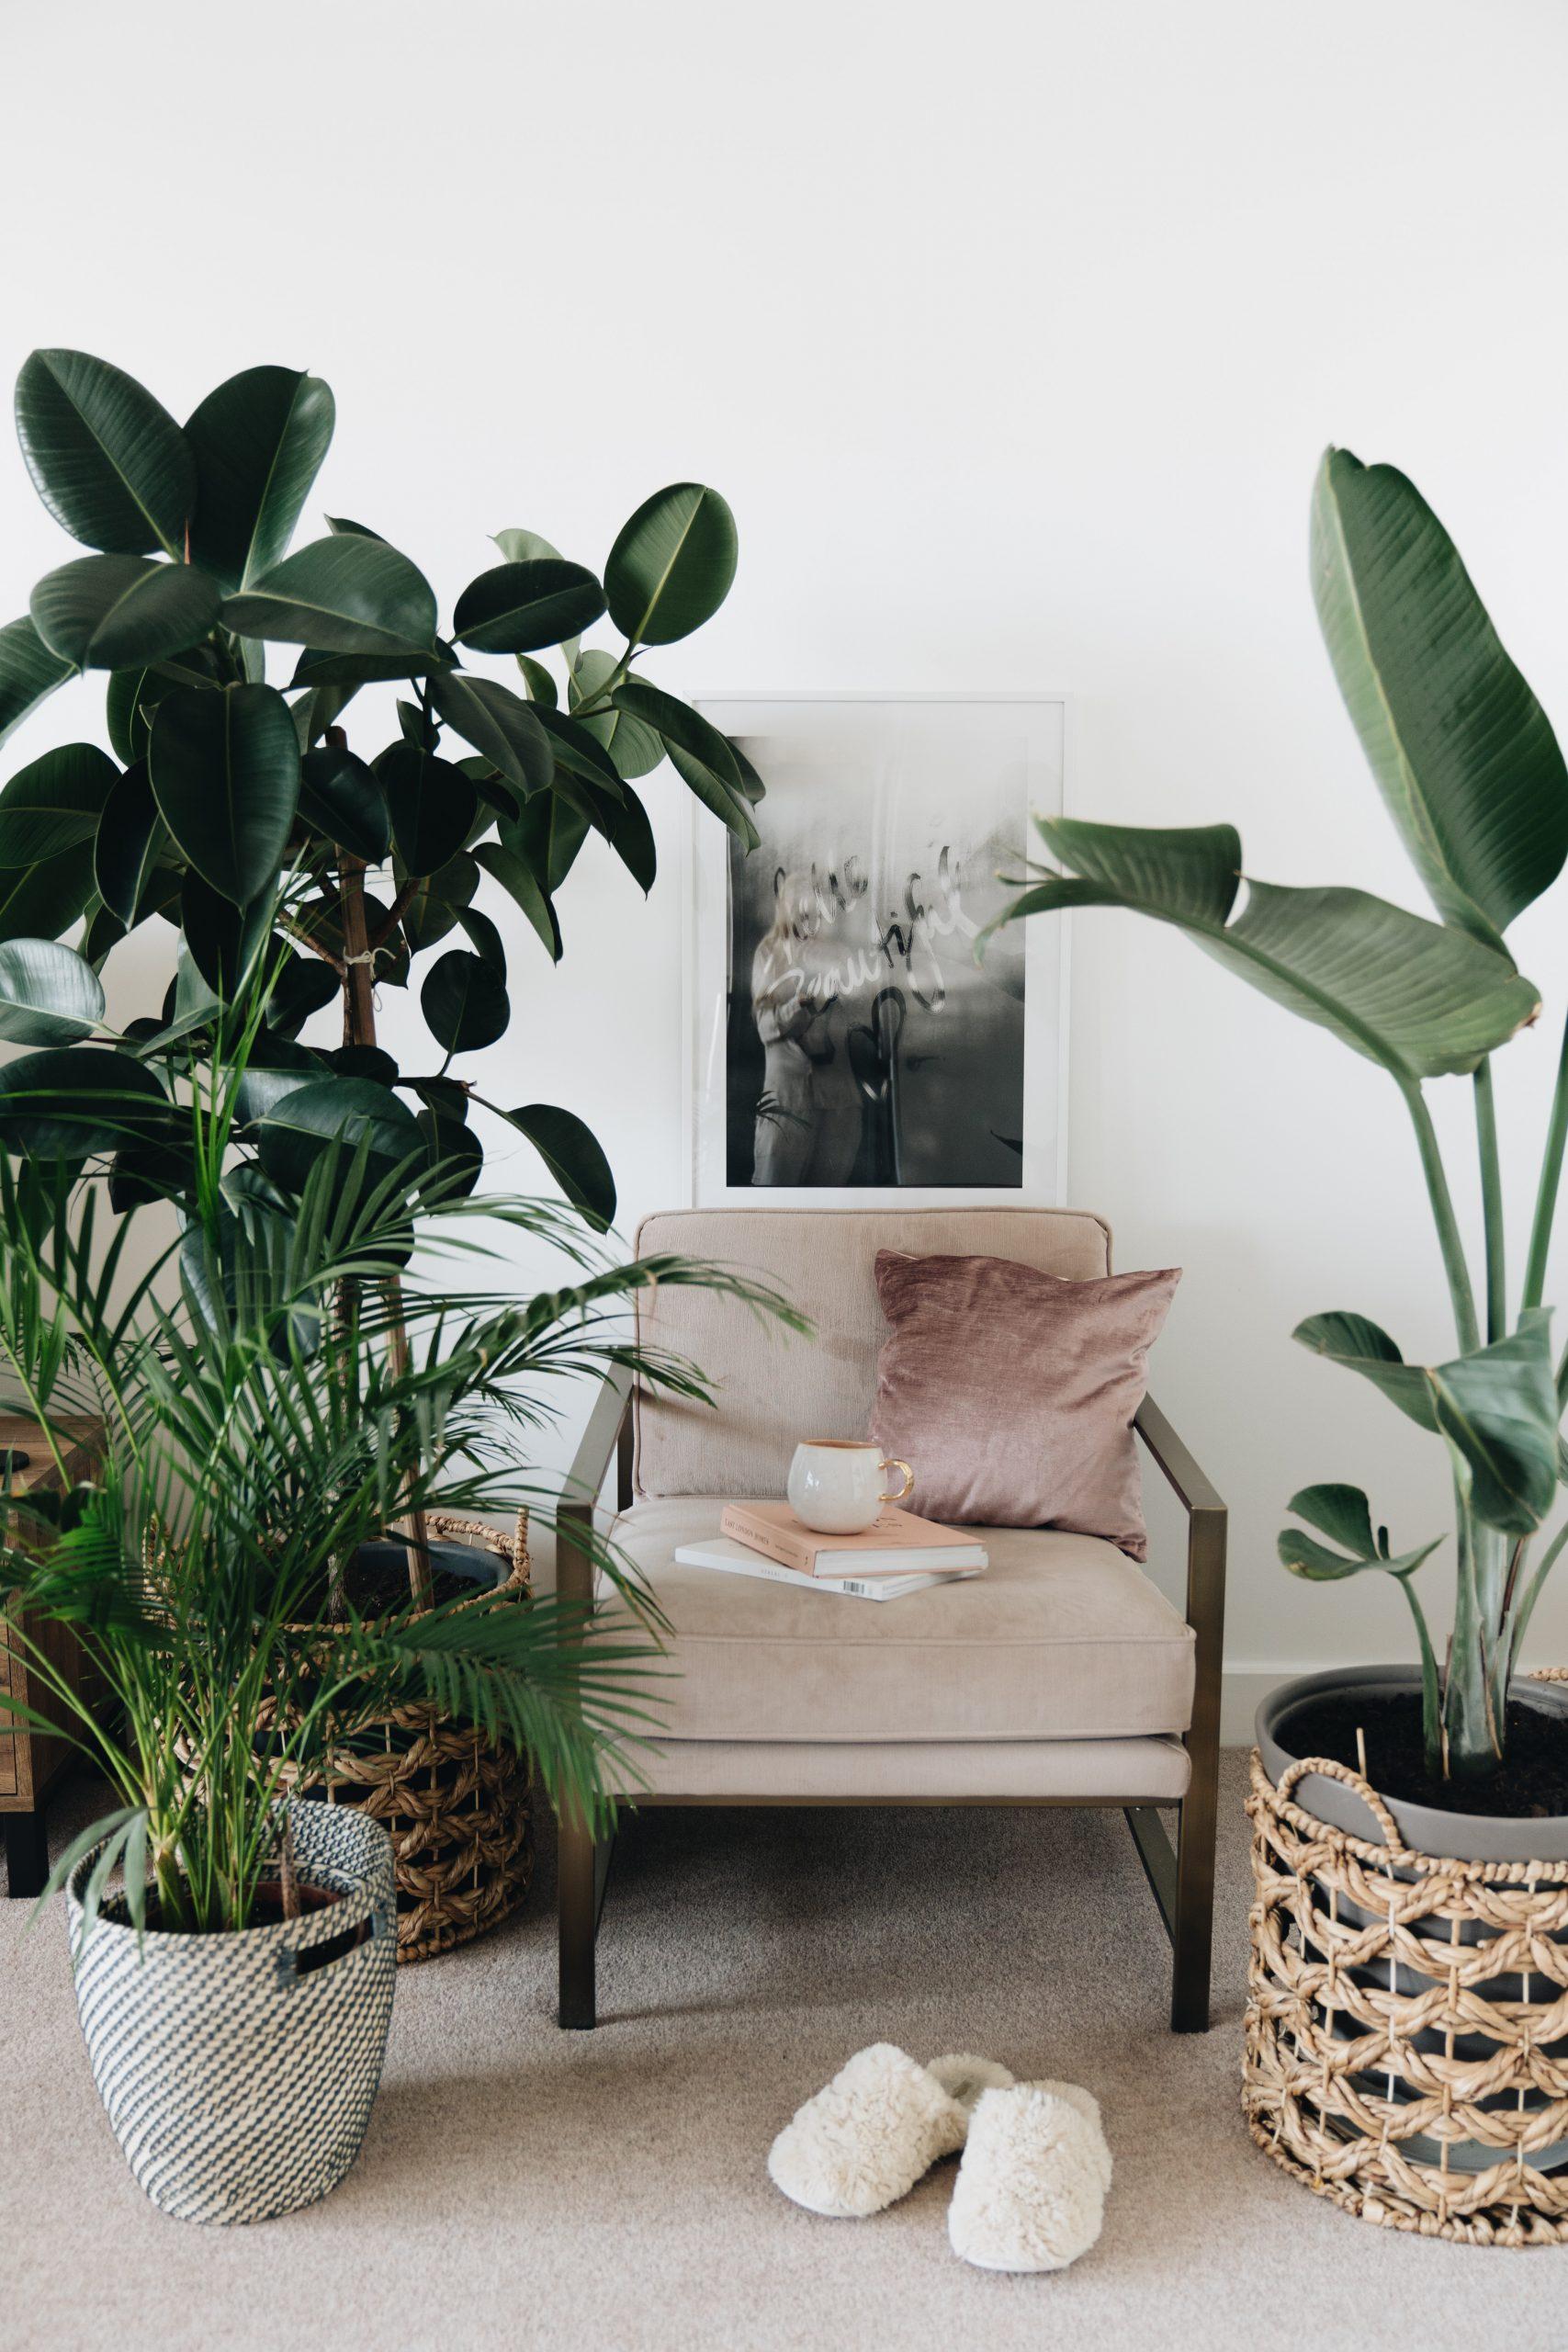 Fauteuil au milieu des plantes